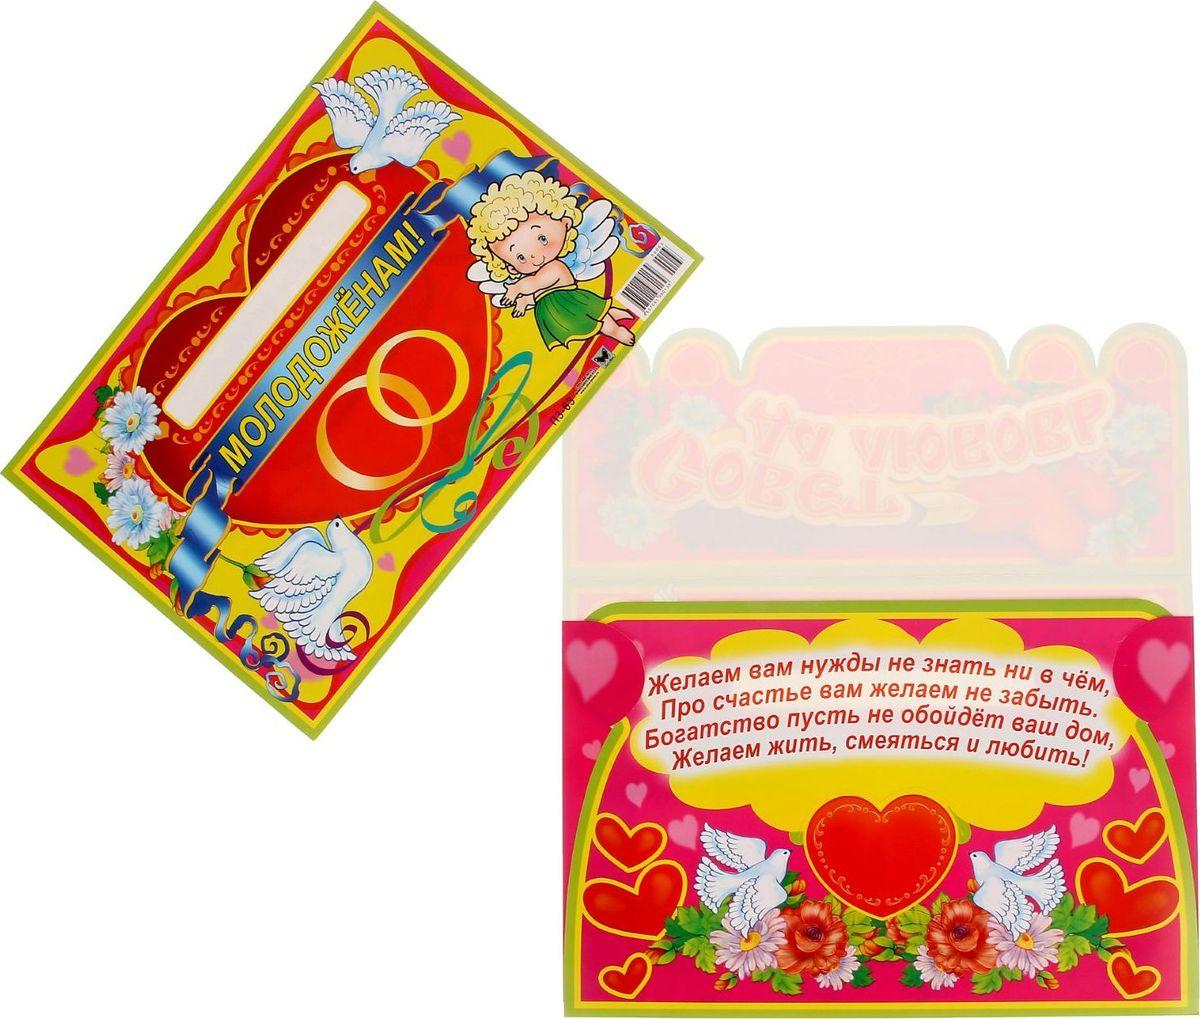 """Конверт для денег """"Свадебная копилка-кошелек"""" выполнен из плотной бумаги и украшен яркой картинкой, которая вызовет улыбку.  Это необычная красивая одежка для денежного подарка, а так же отличная возможность сделать его более праздничным и создать прекрасное настроение!  Конверт содержит небольшое стихотворное поздравление."""